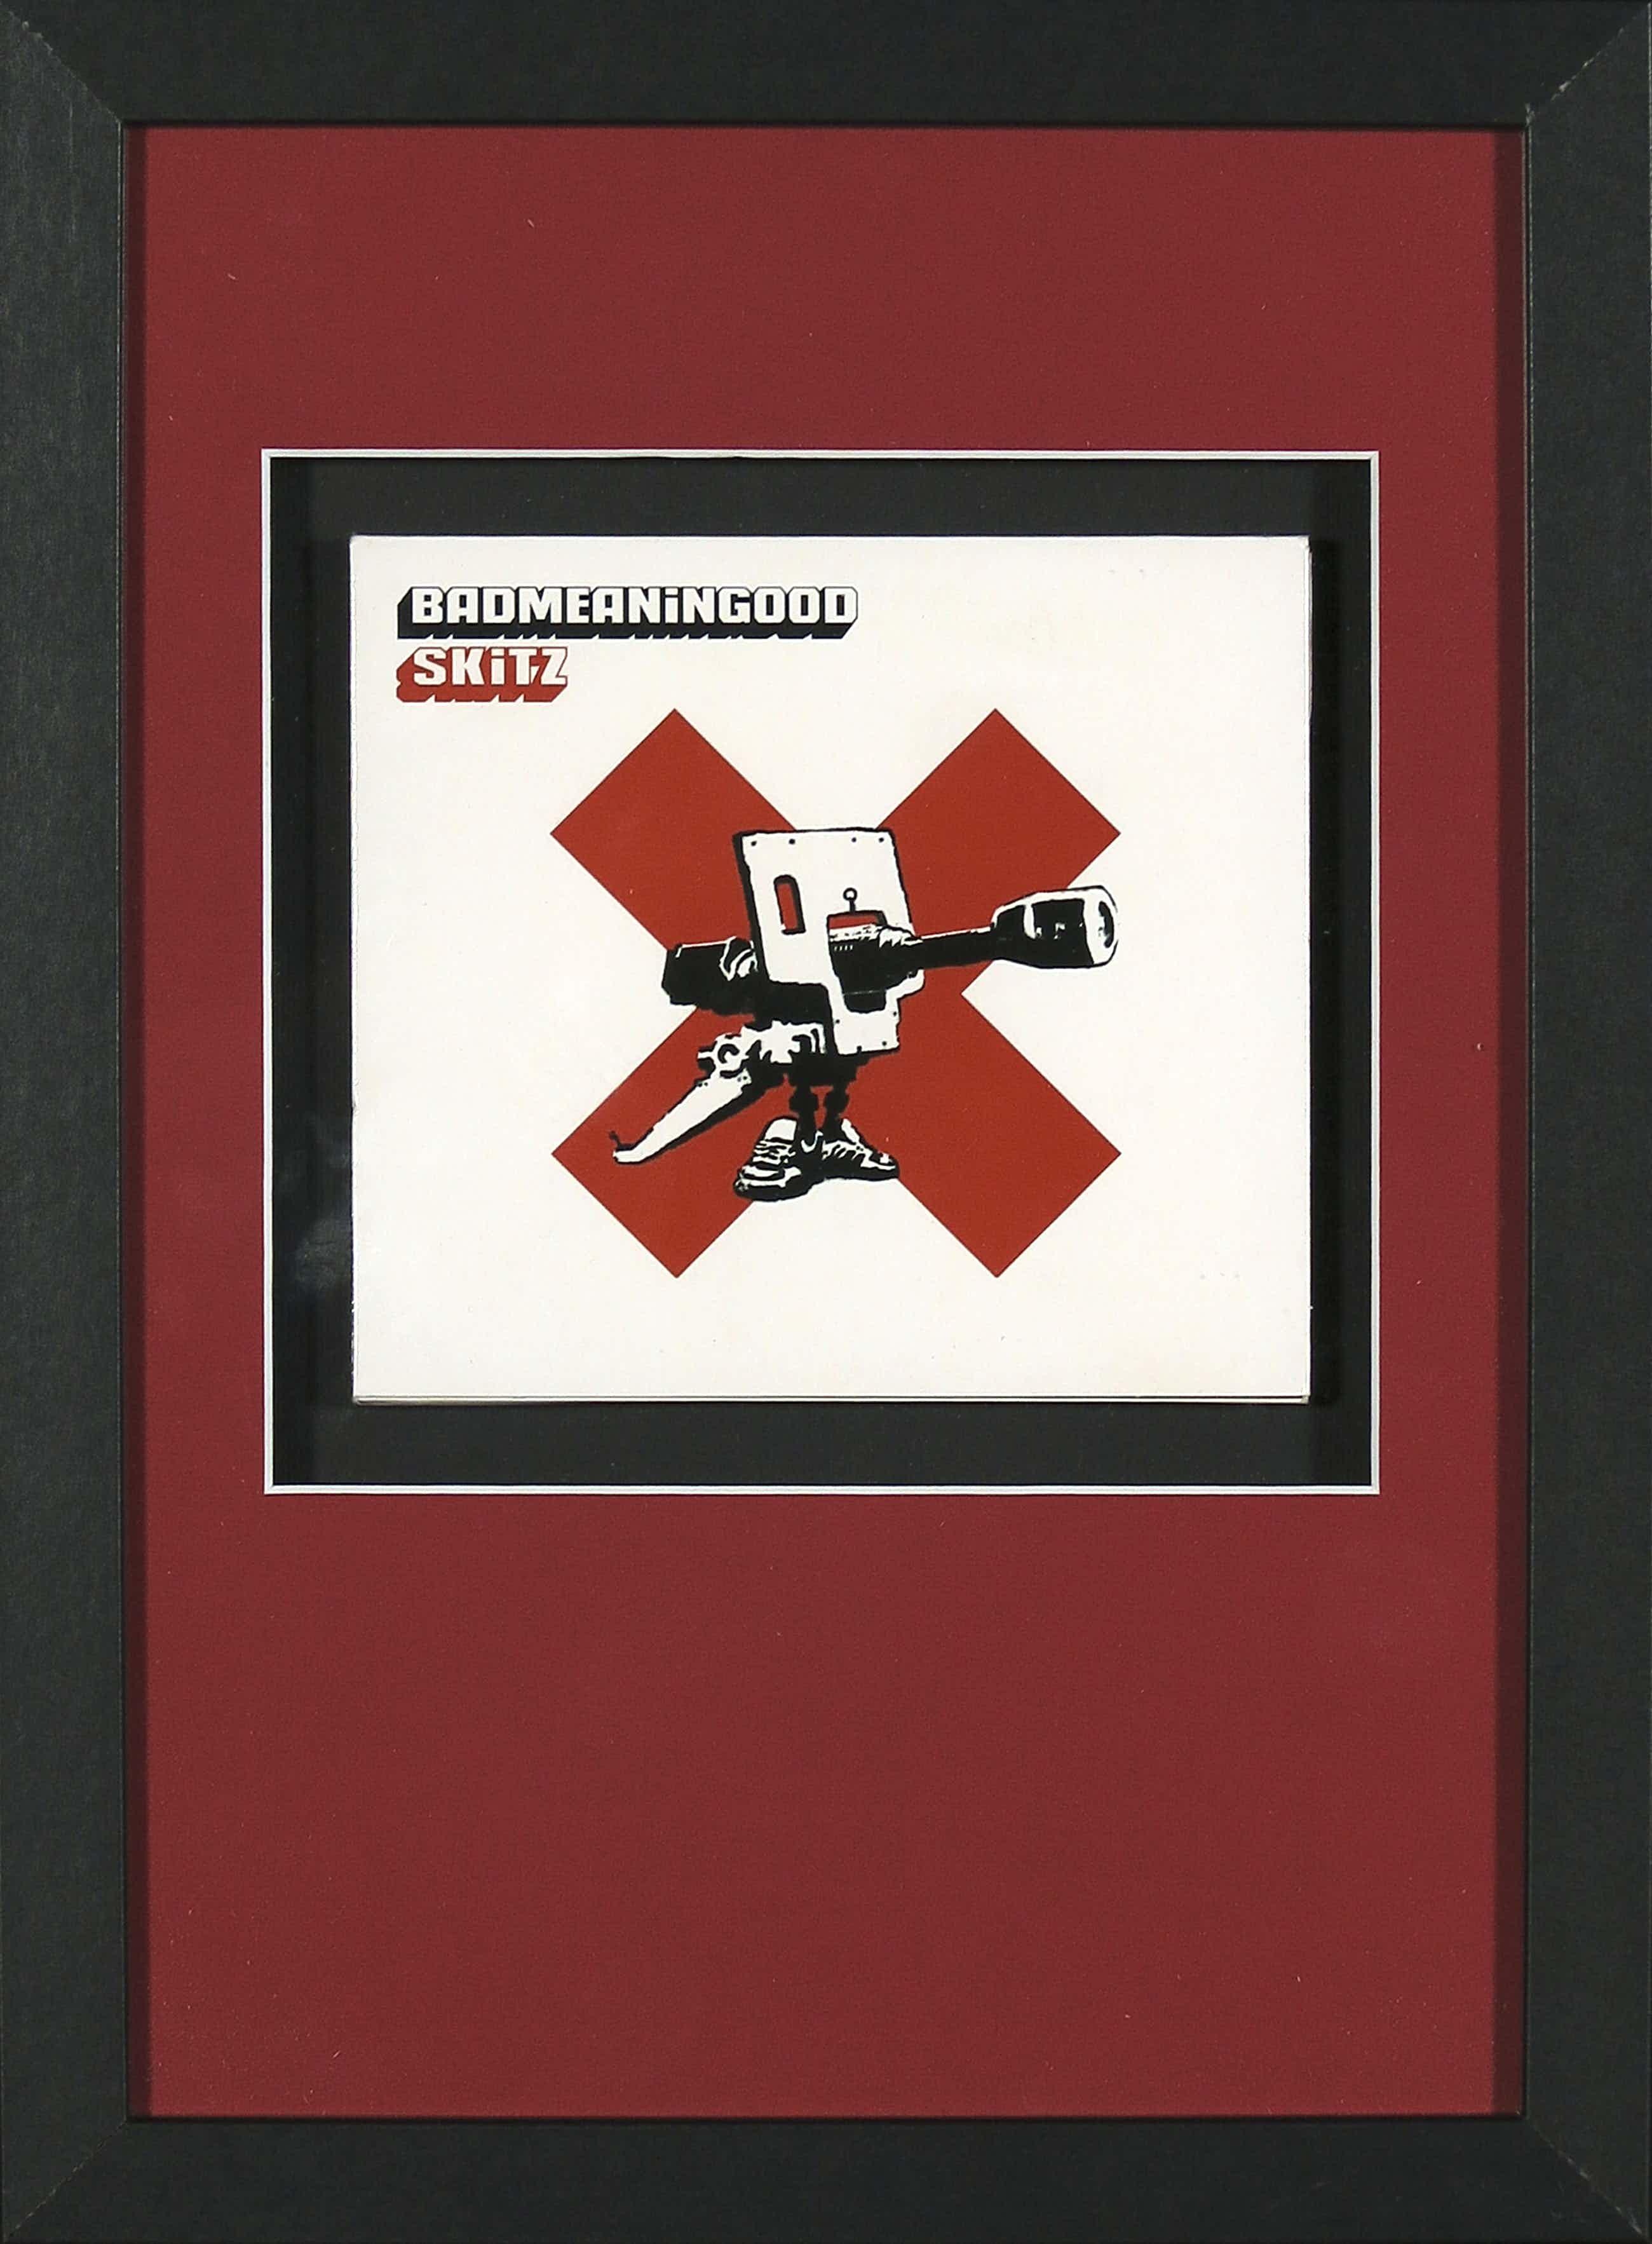 Banksy - Badmeaninggood vol. 1 door Skitz (CD) - Ingelijst kopen? Bied vanaf 150!